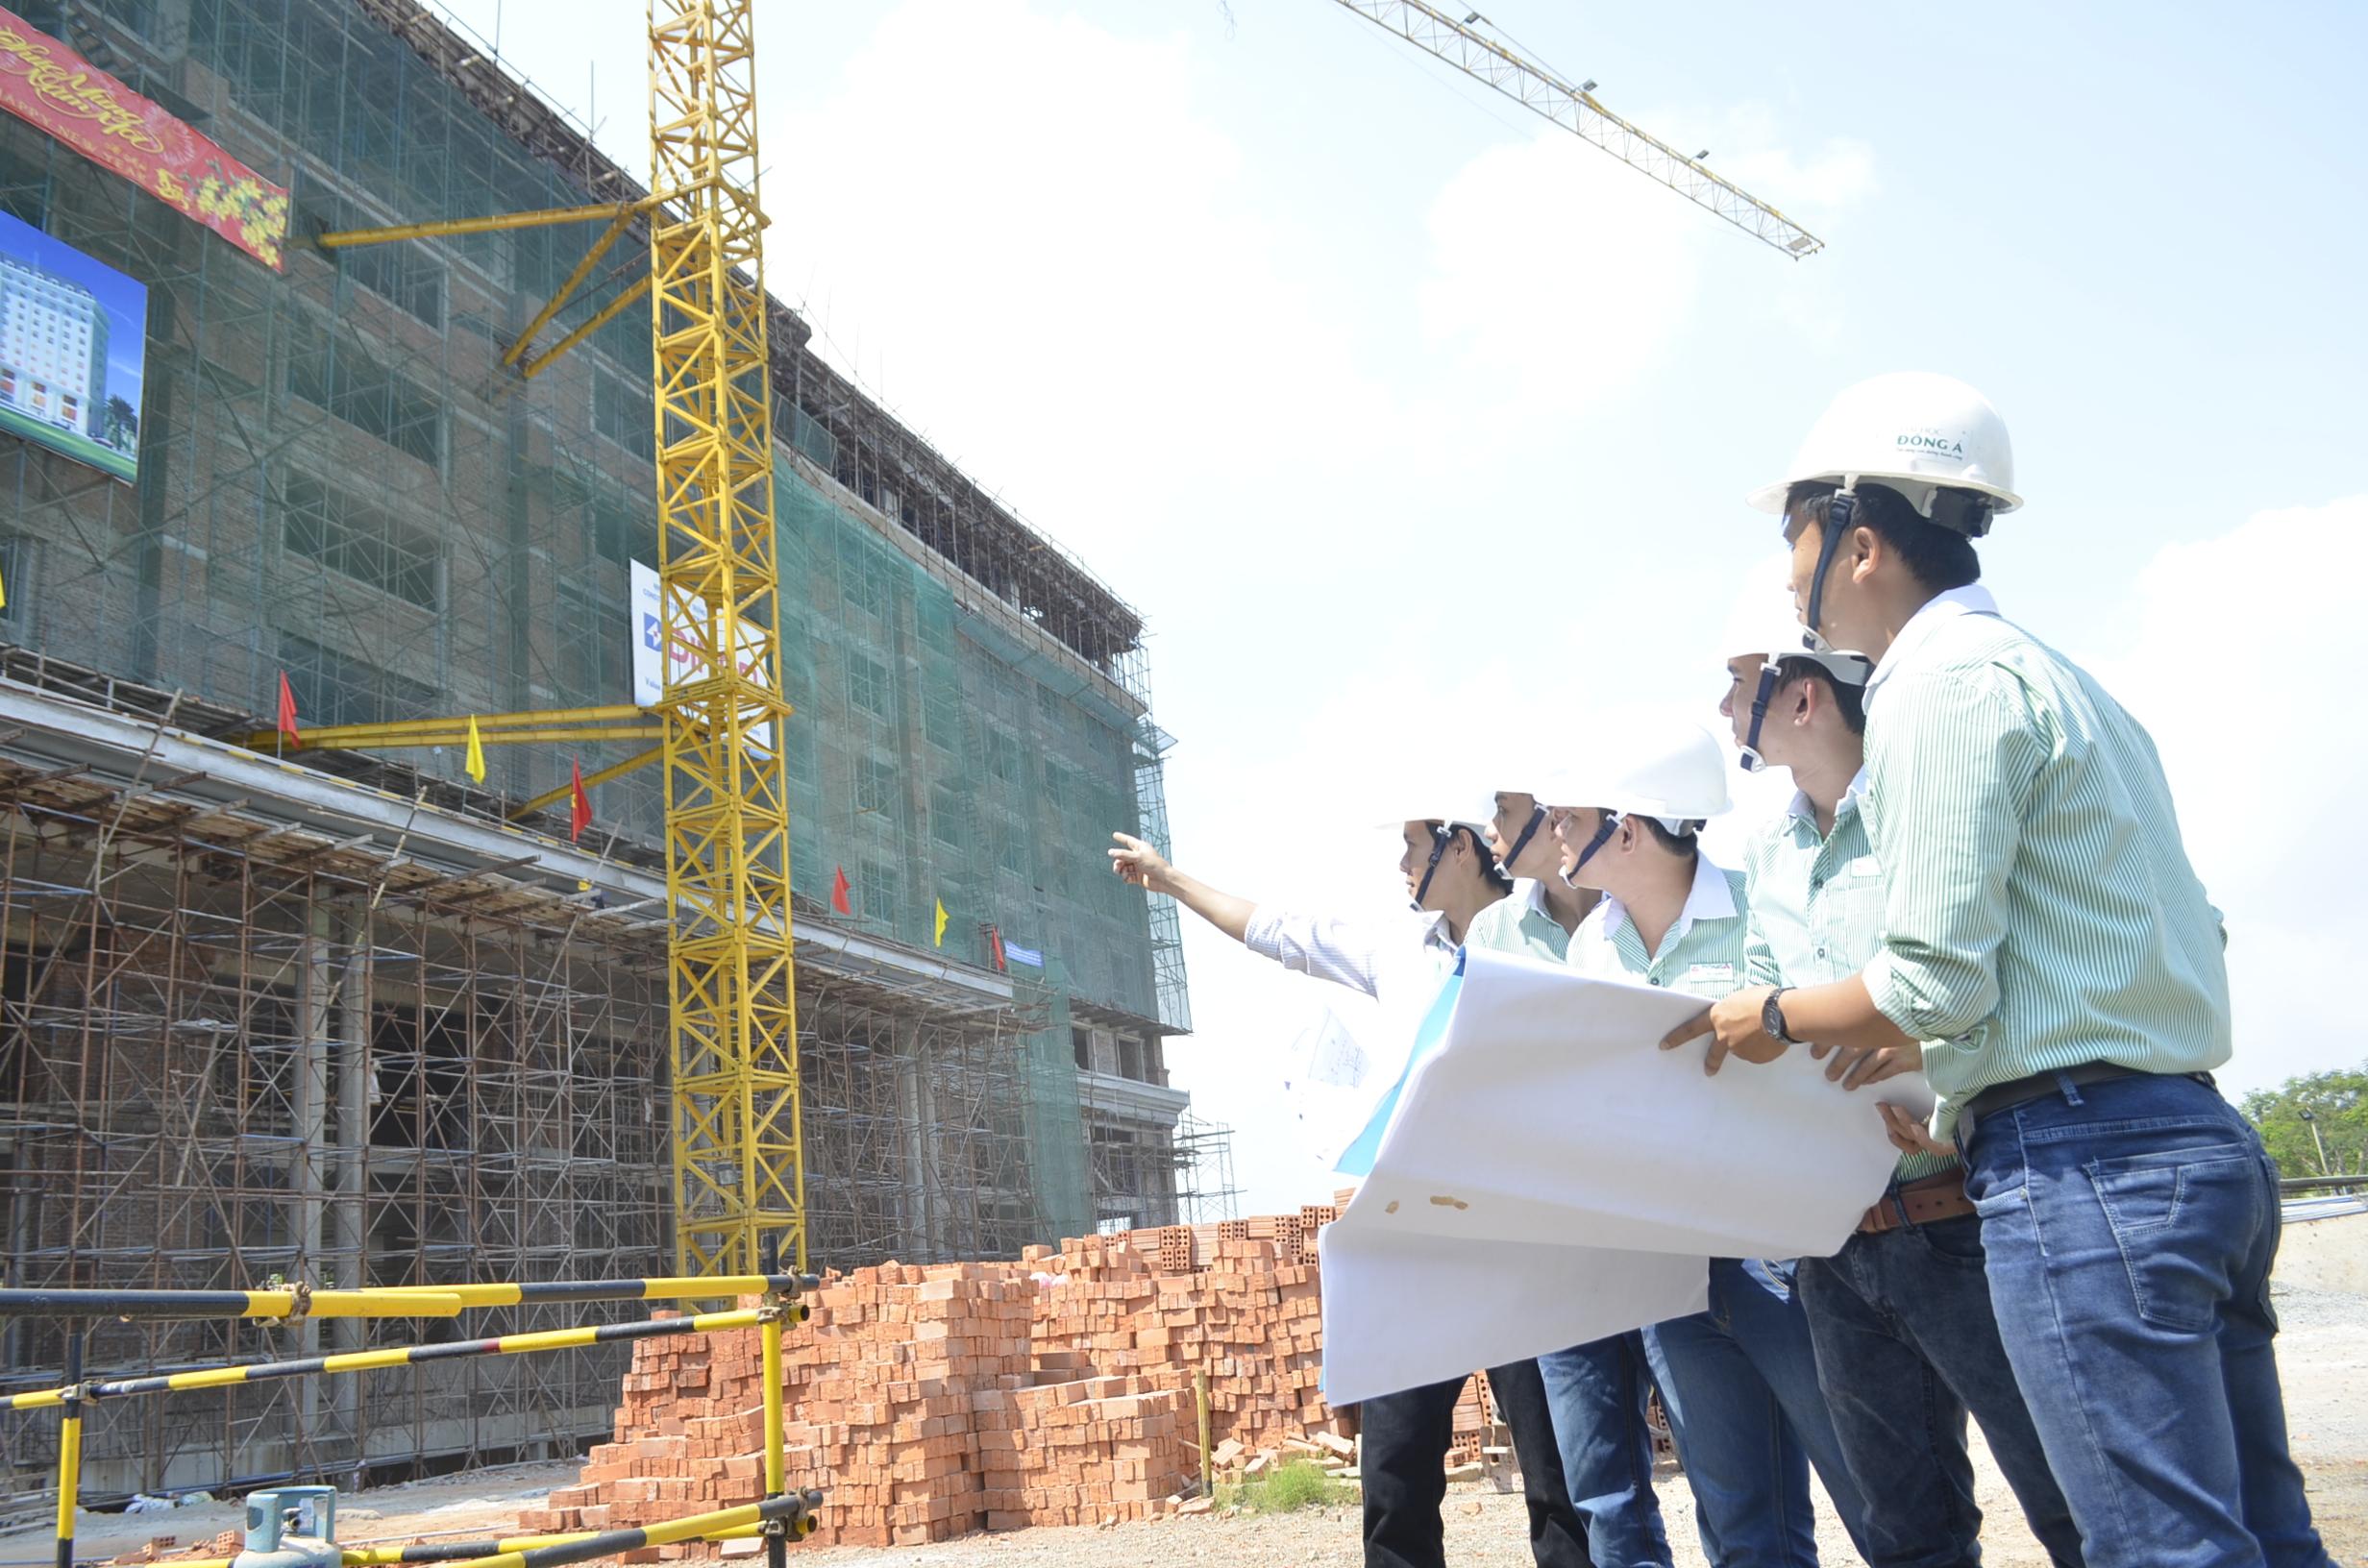 Thích tìm tòi, học hỏi, cập nhật các công nghệ mới, Mong muốn được làm việc trong lĩnh vực xây dựng là một trong những tố chất cần có của những bạn học ngành công nghệ kỹ thuật xây dựng